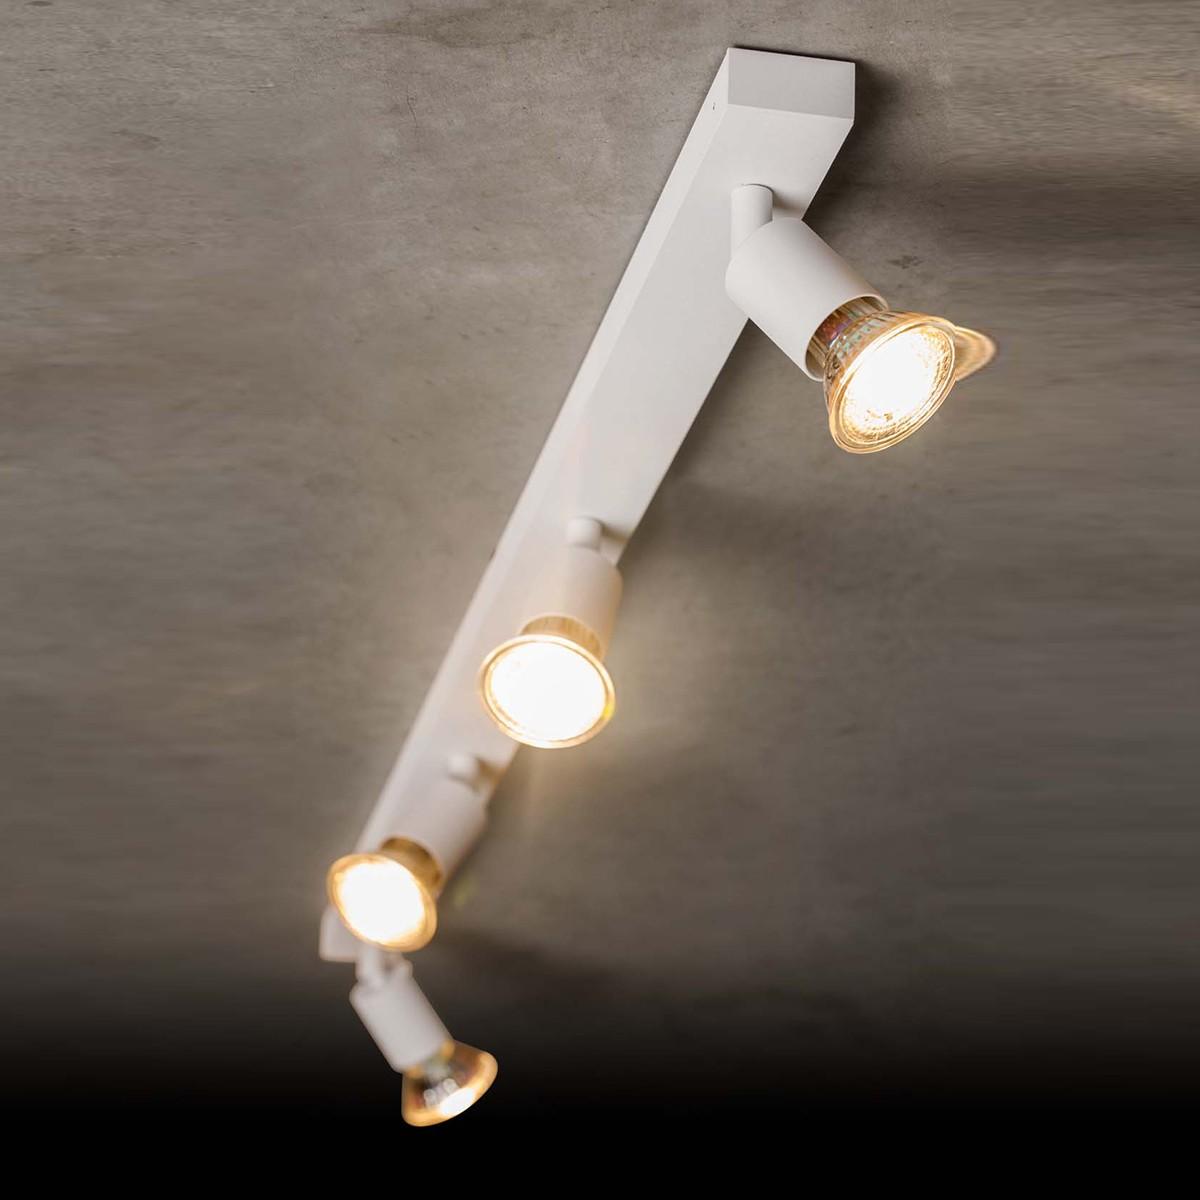 Holtkötter Leuchten 4504 Deckenstrahler, Aluminium matt, 4-flg.